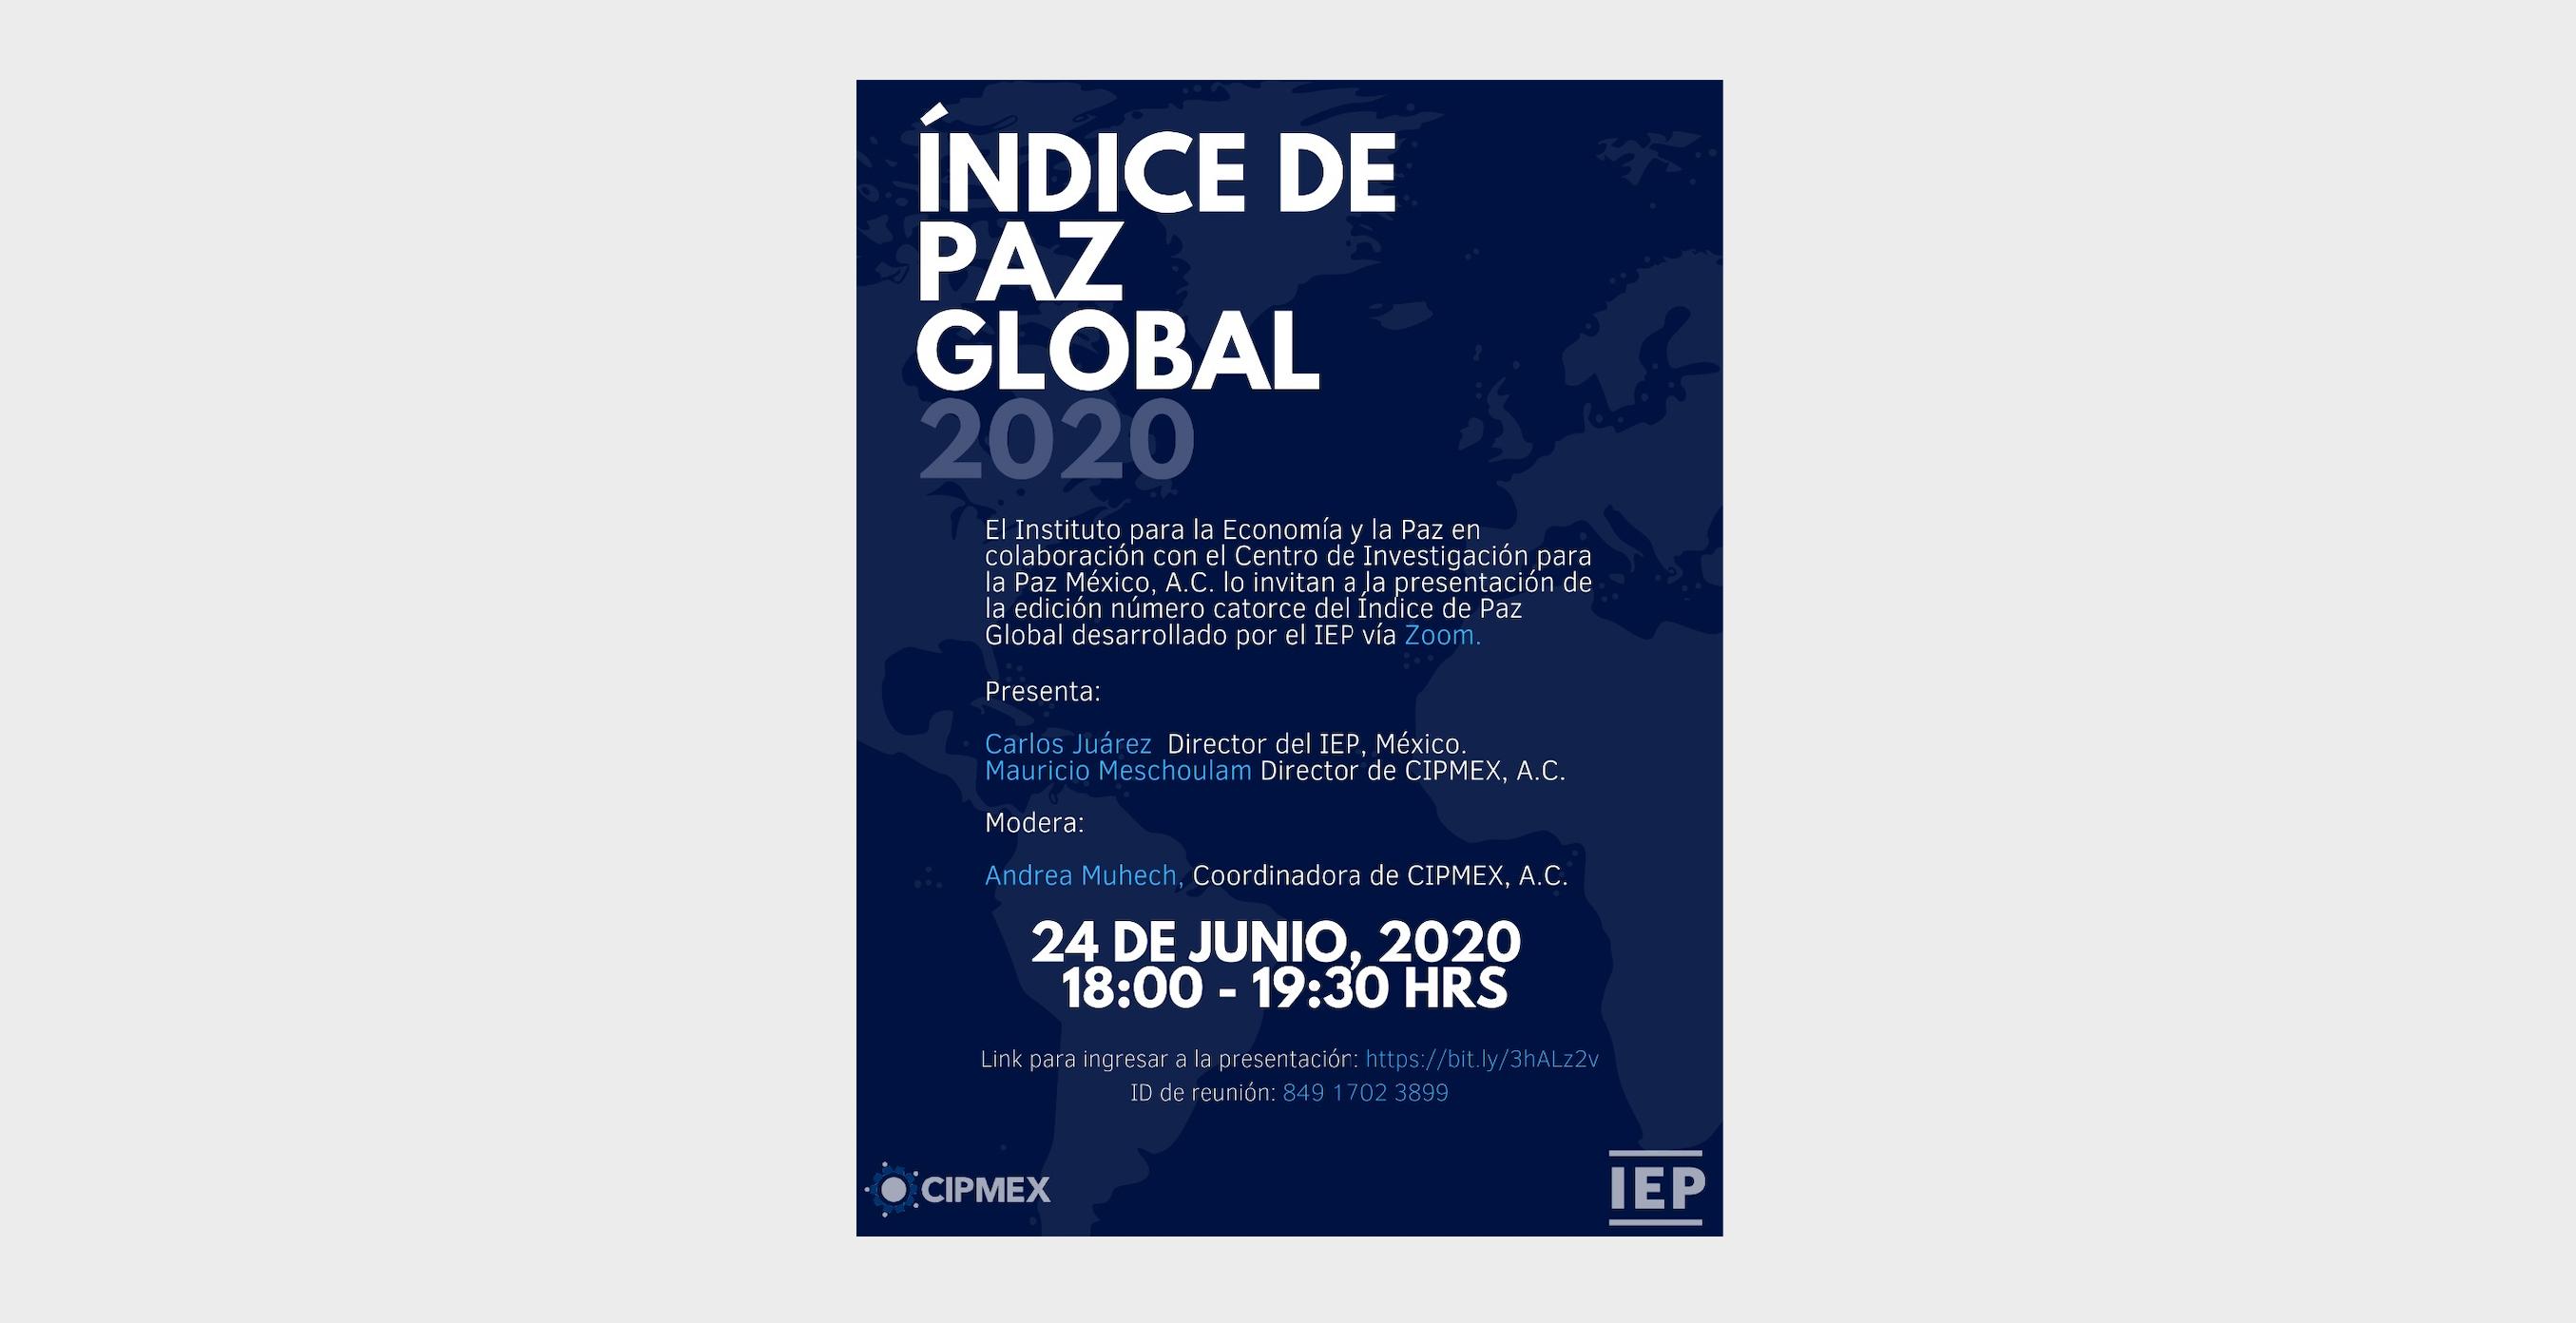 CIPMEX participó en la presentación del «Índice de Paz Global 2020» en conjunto con el Instituto para la Economía y la Paz